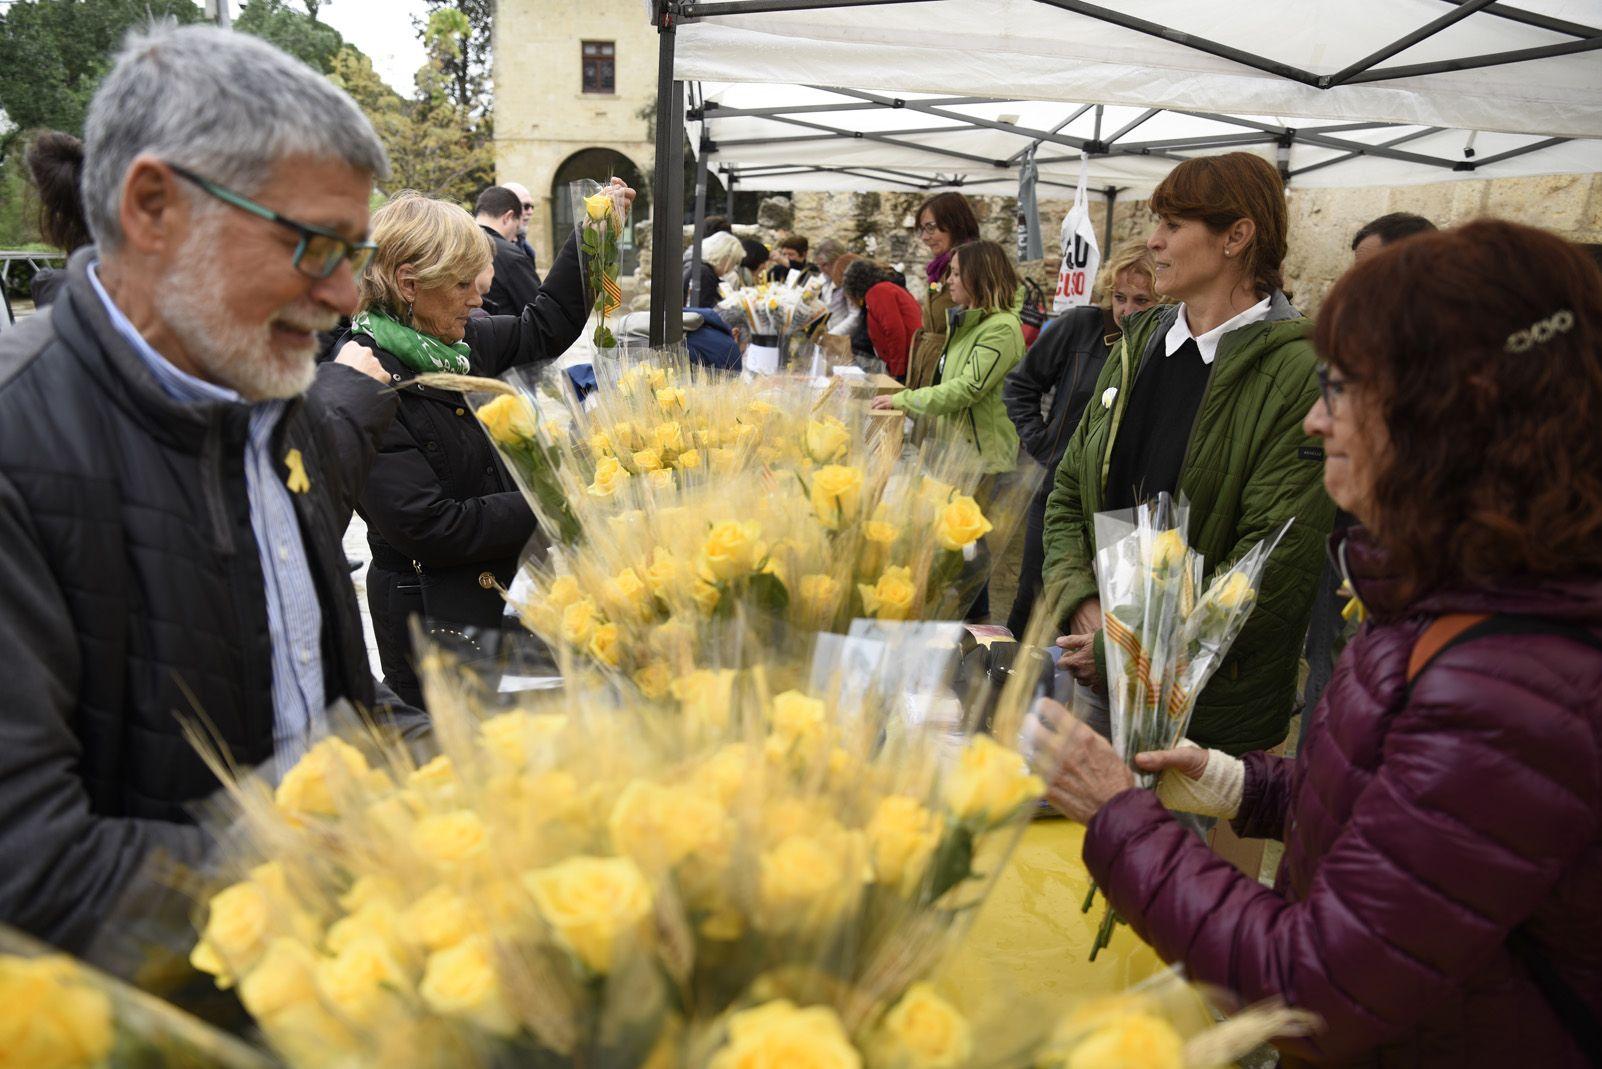 Les roses grogues de Sant Jordi. Foto: Bernat Millet.